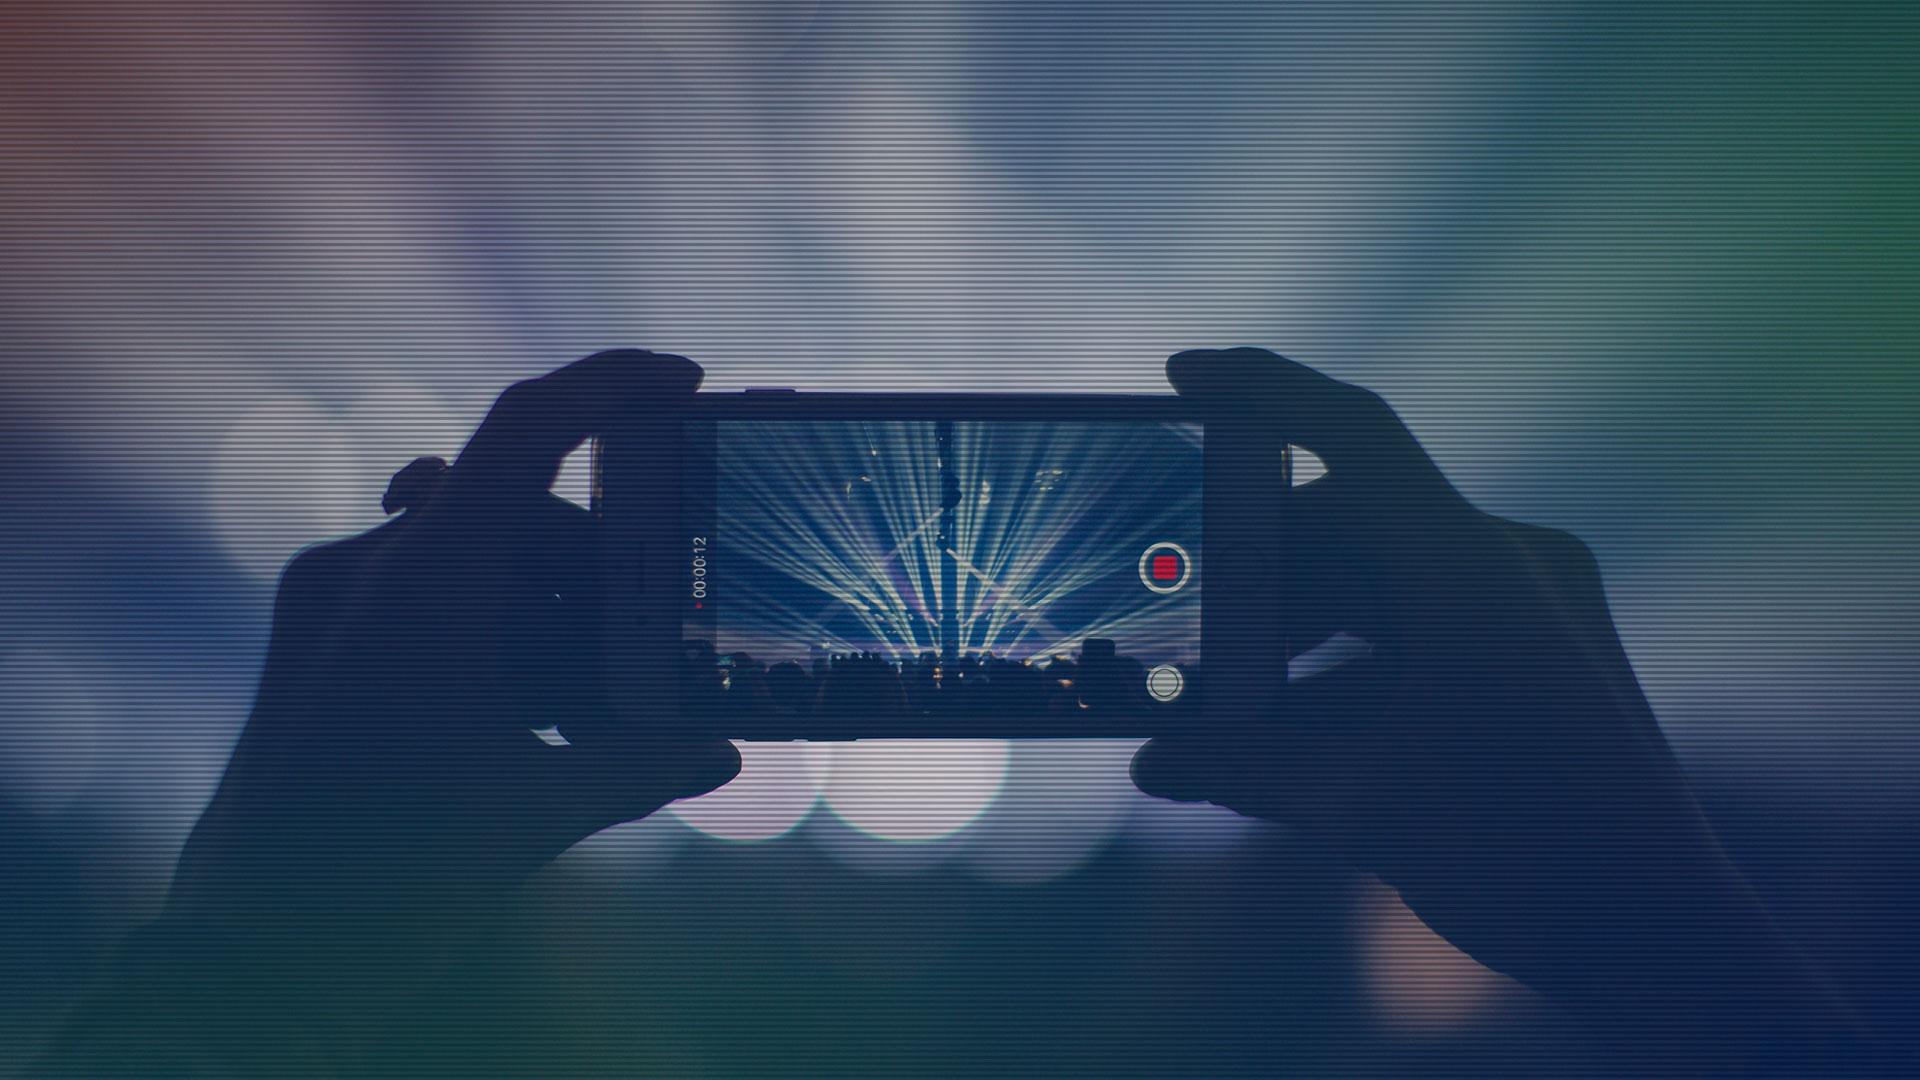 tipos de conteúdo em vídeo